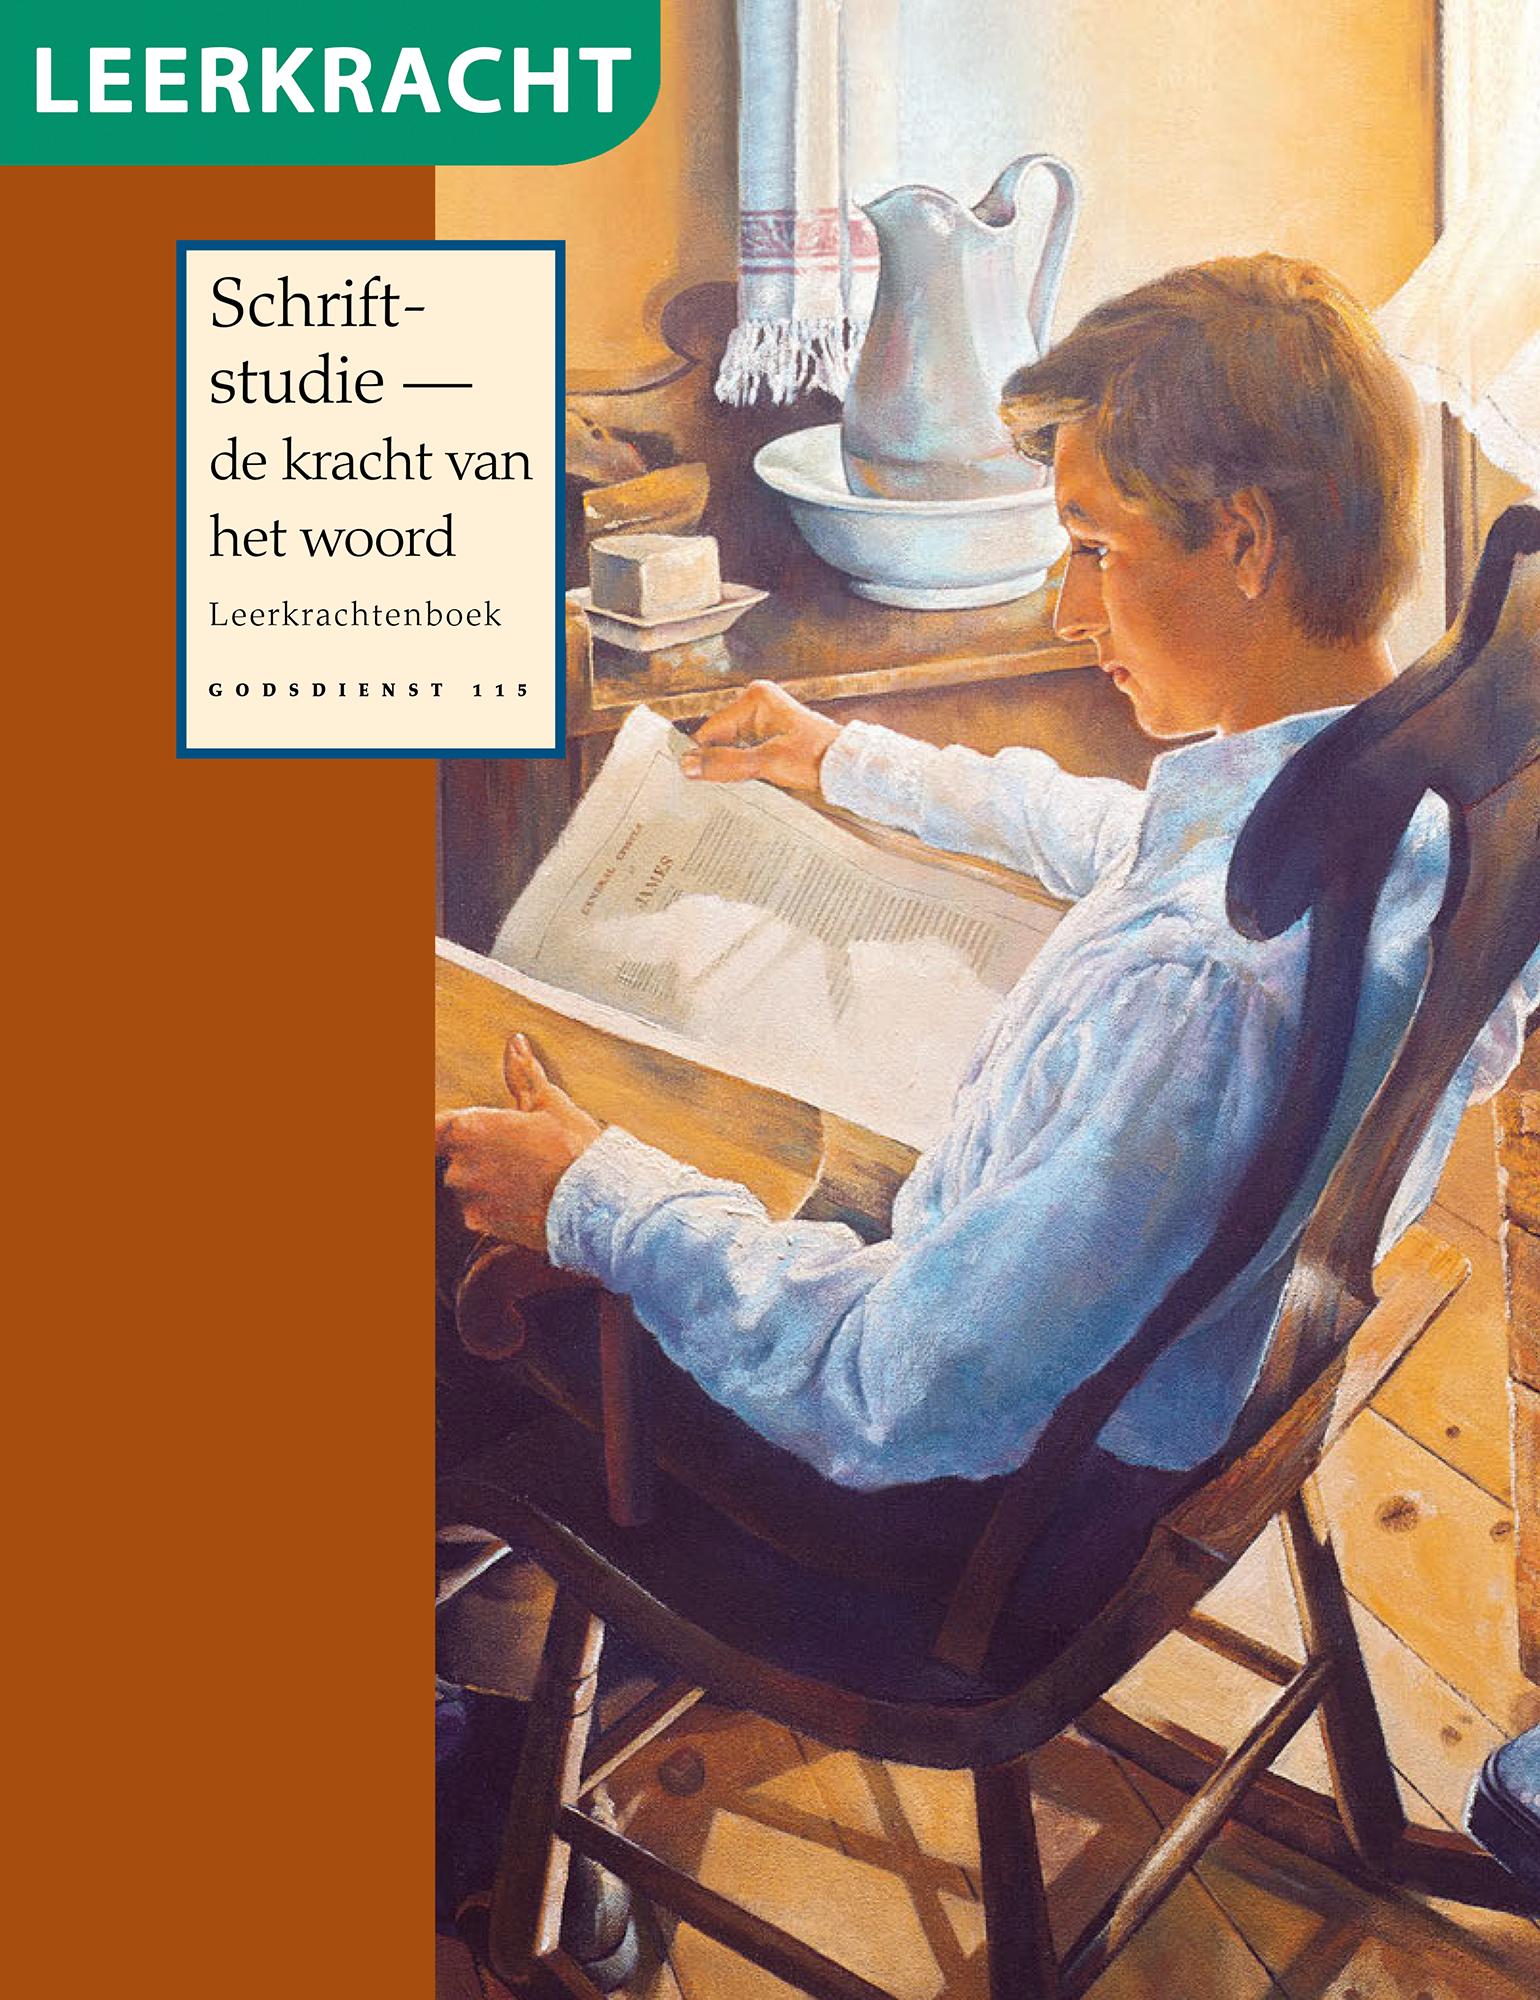 Schriftstudie — de kracht van het woord, leerkrachtenboek (Godsdienst 115)